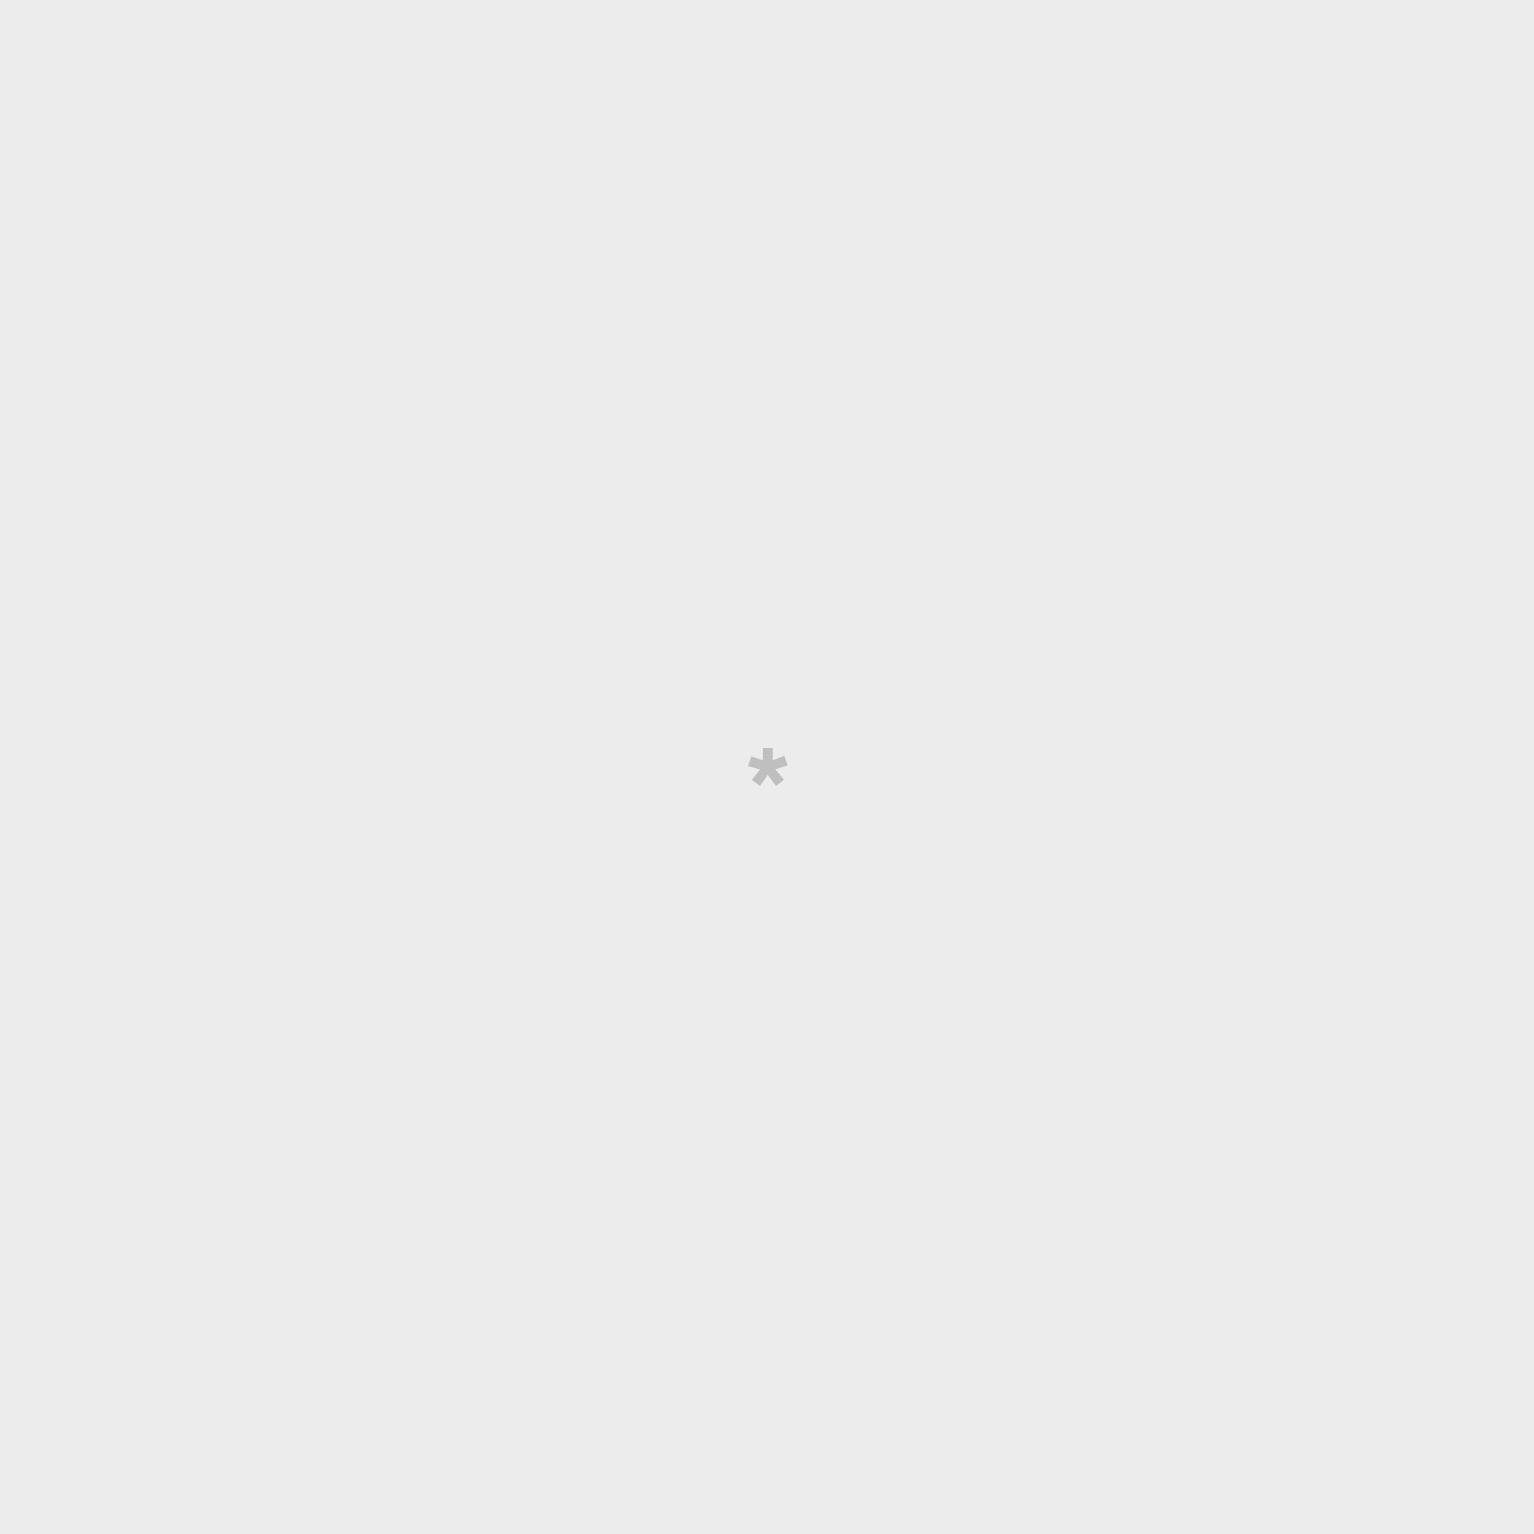 Étiquette de bagage - Direction: monendroit de prédilection